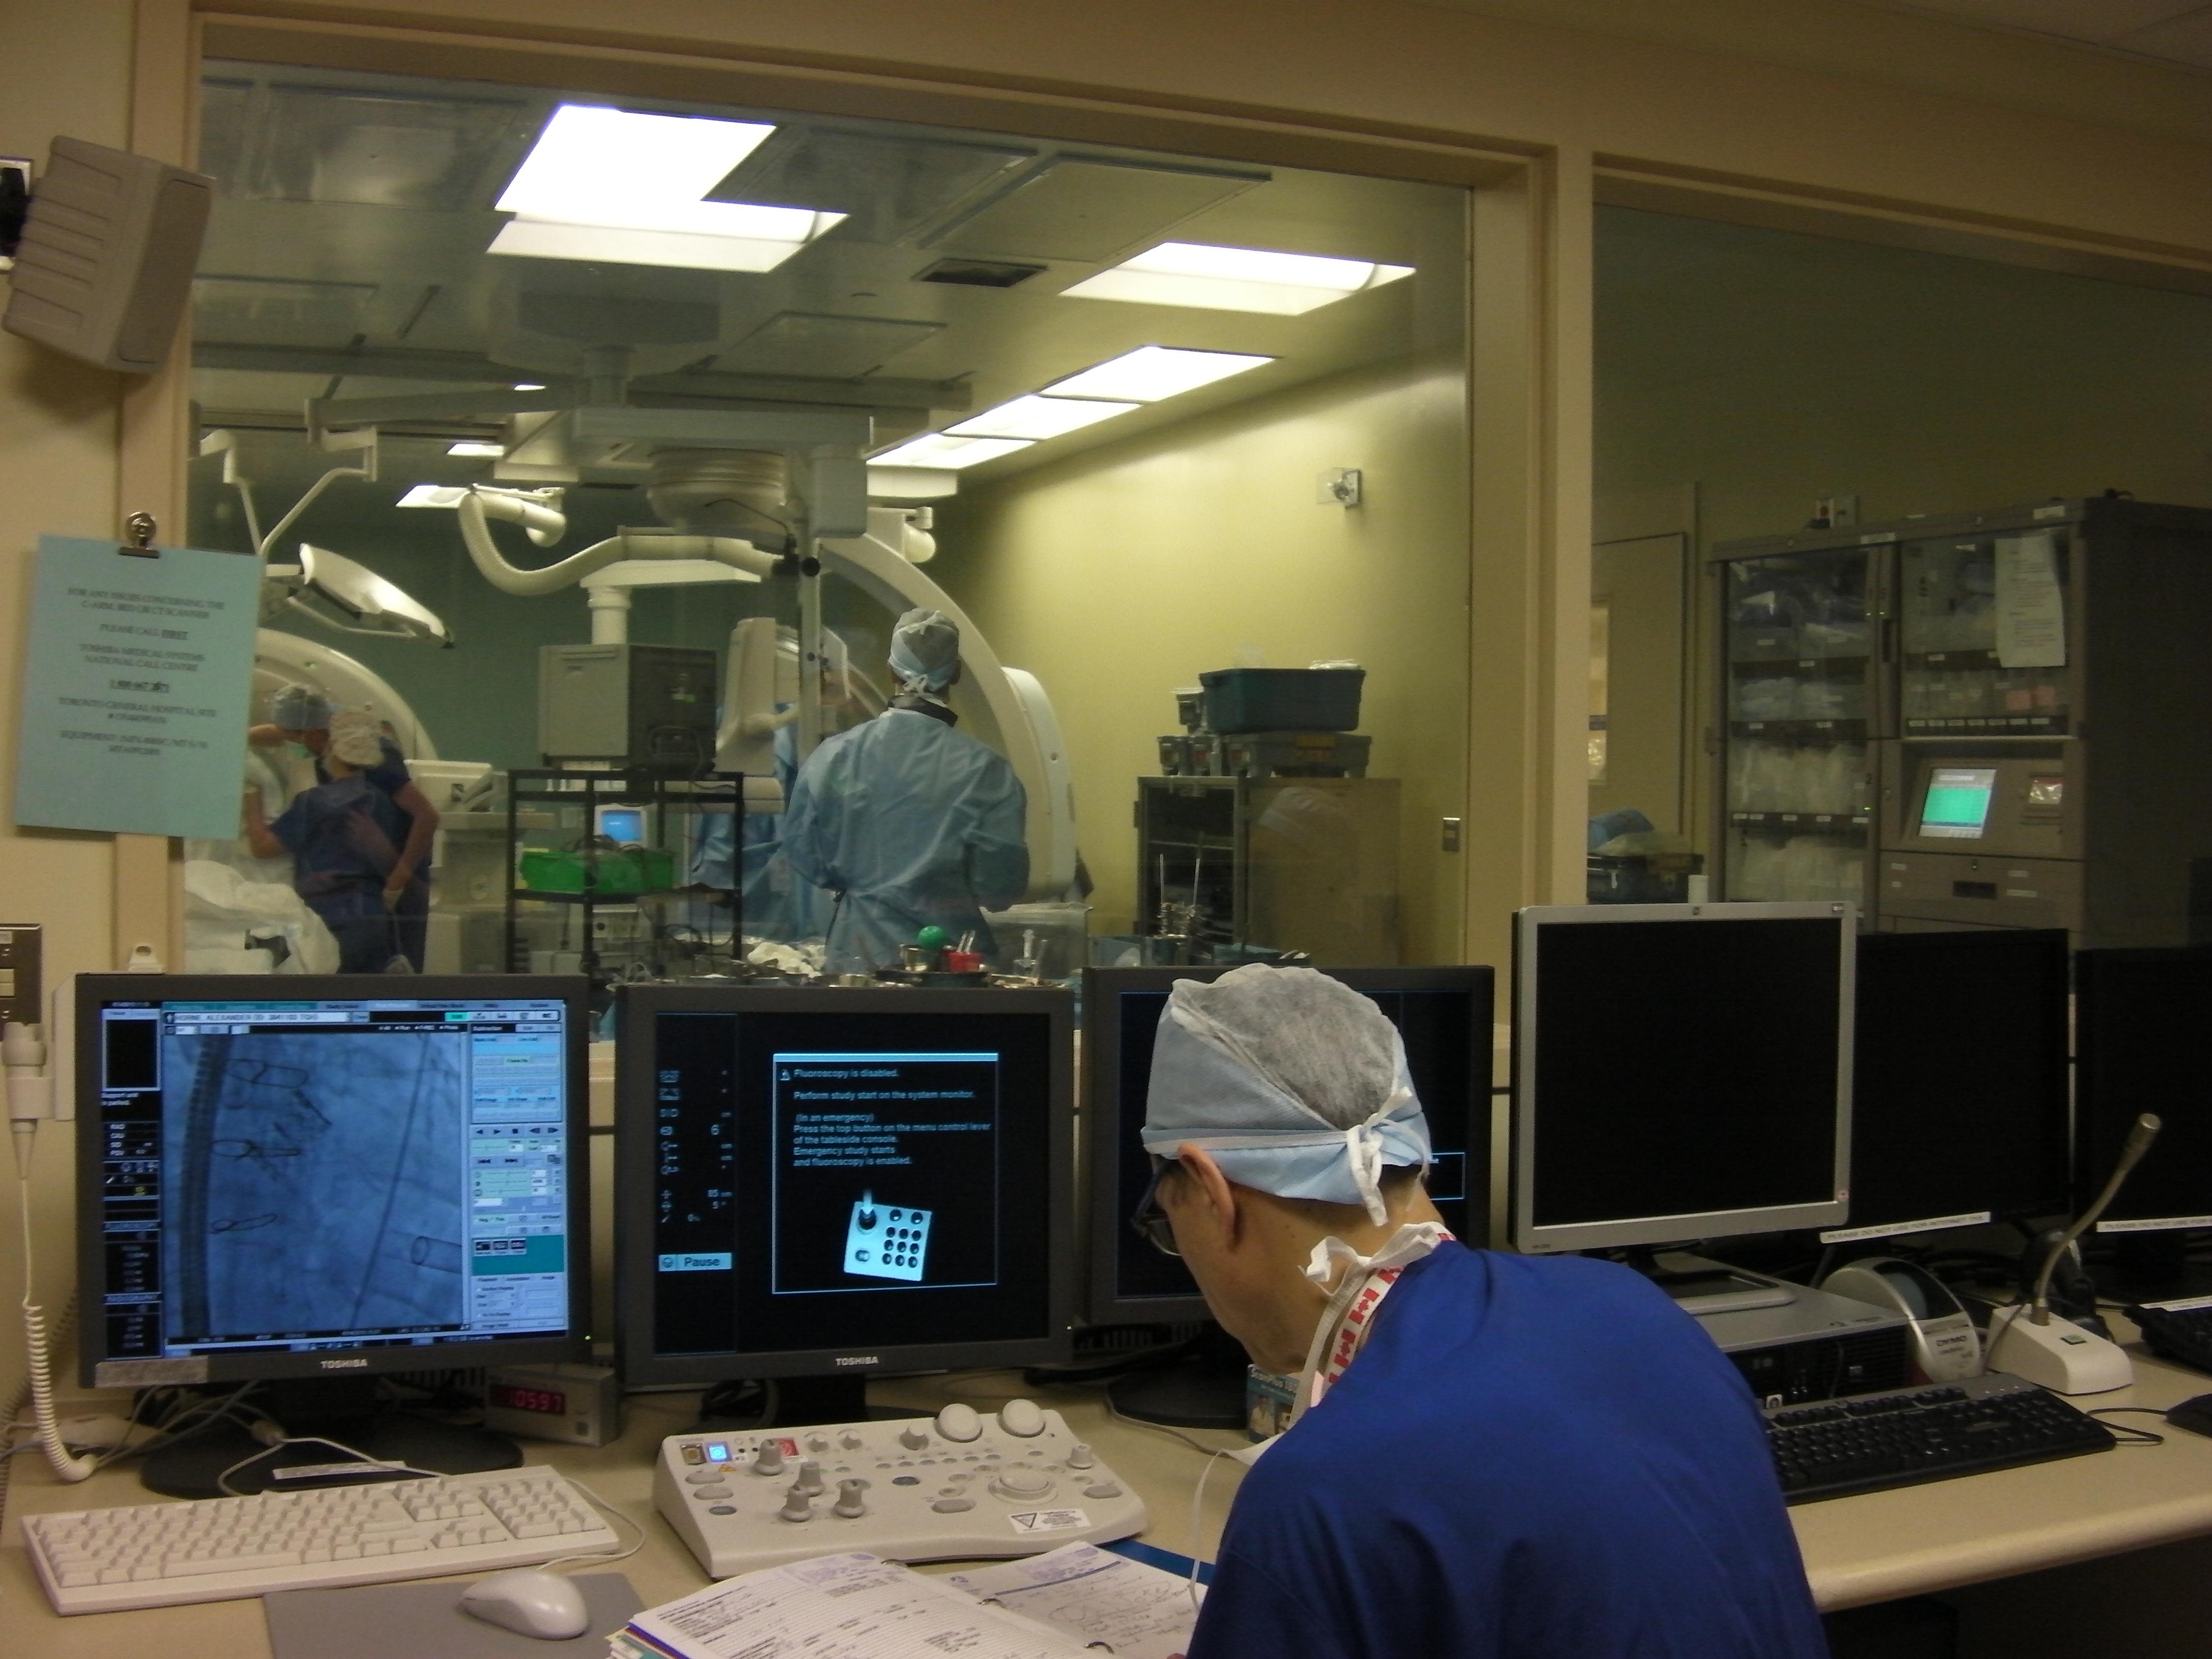 ハイブリッド手術室。つまり心臓手術とカテーテル操作の両方ができる部屋です。